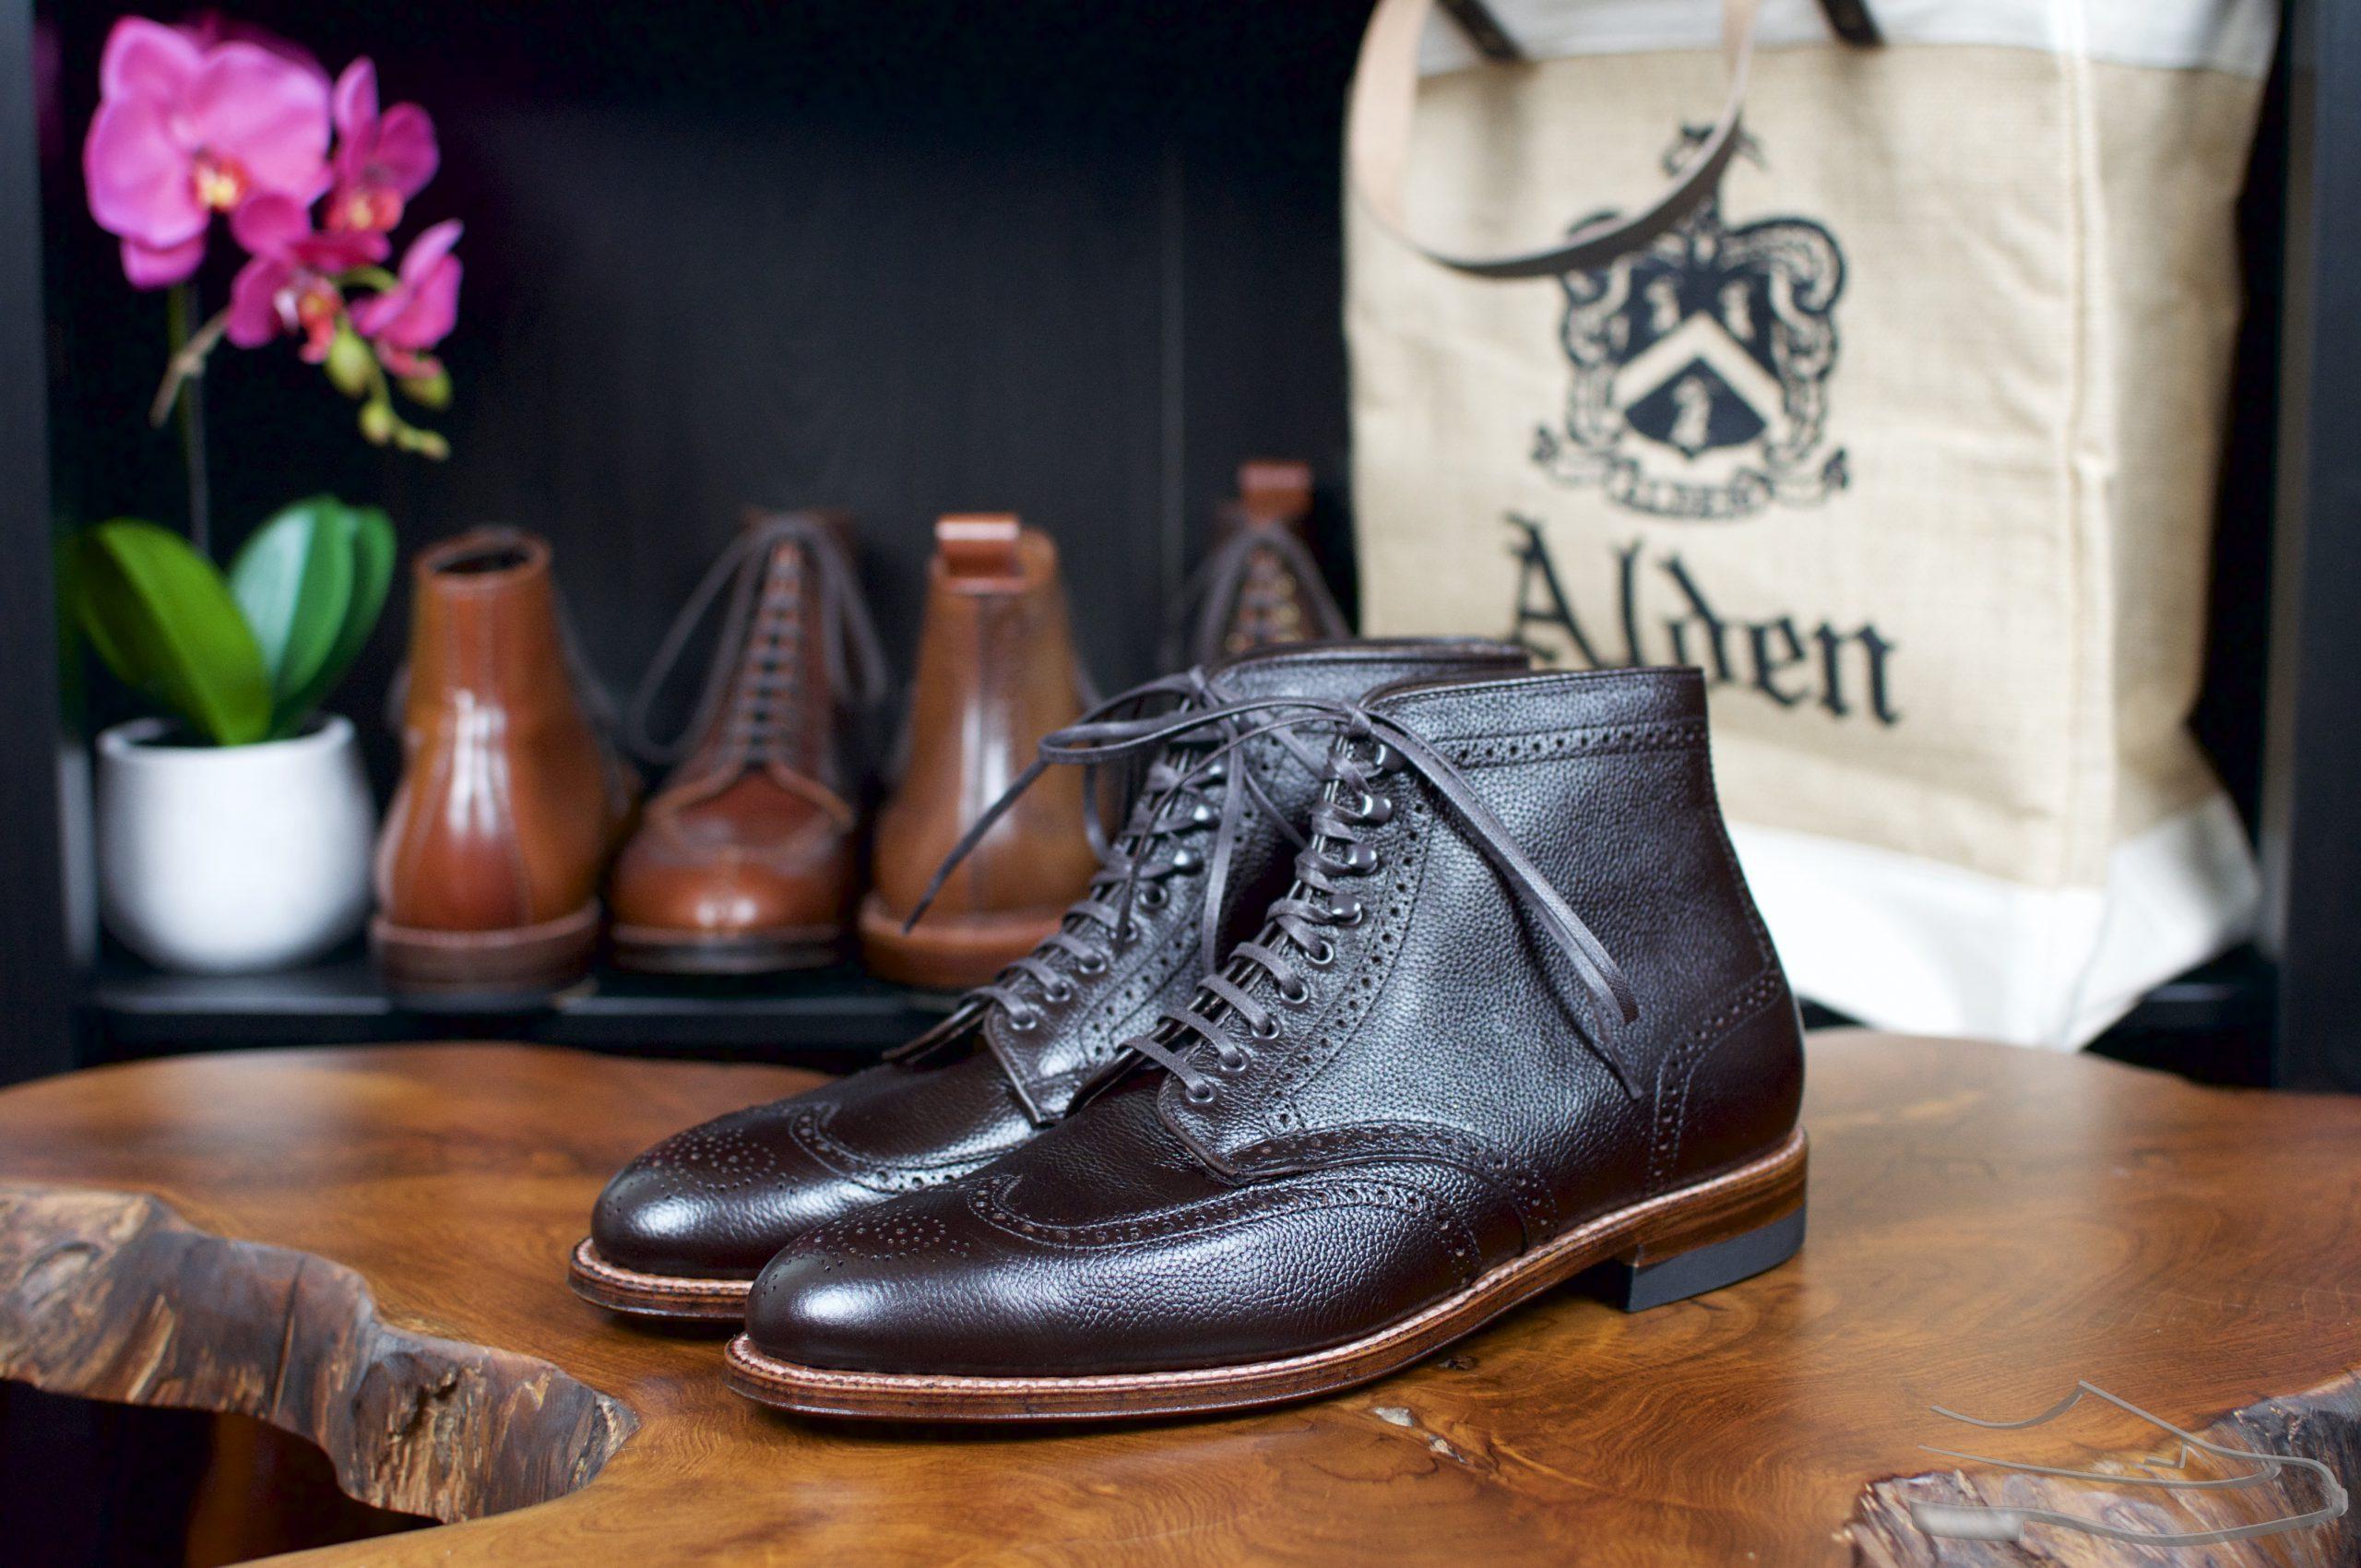 Alden x Ealdwine Brown Regina Grain Calfskin Wingtip Boots